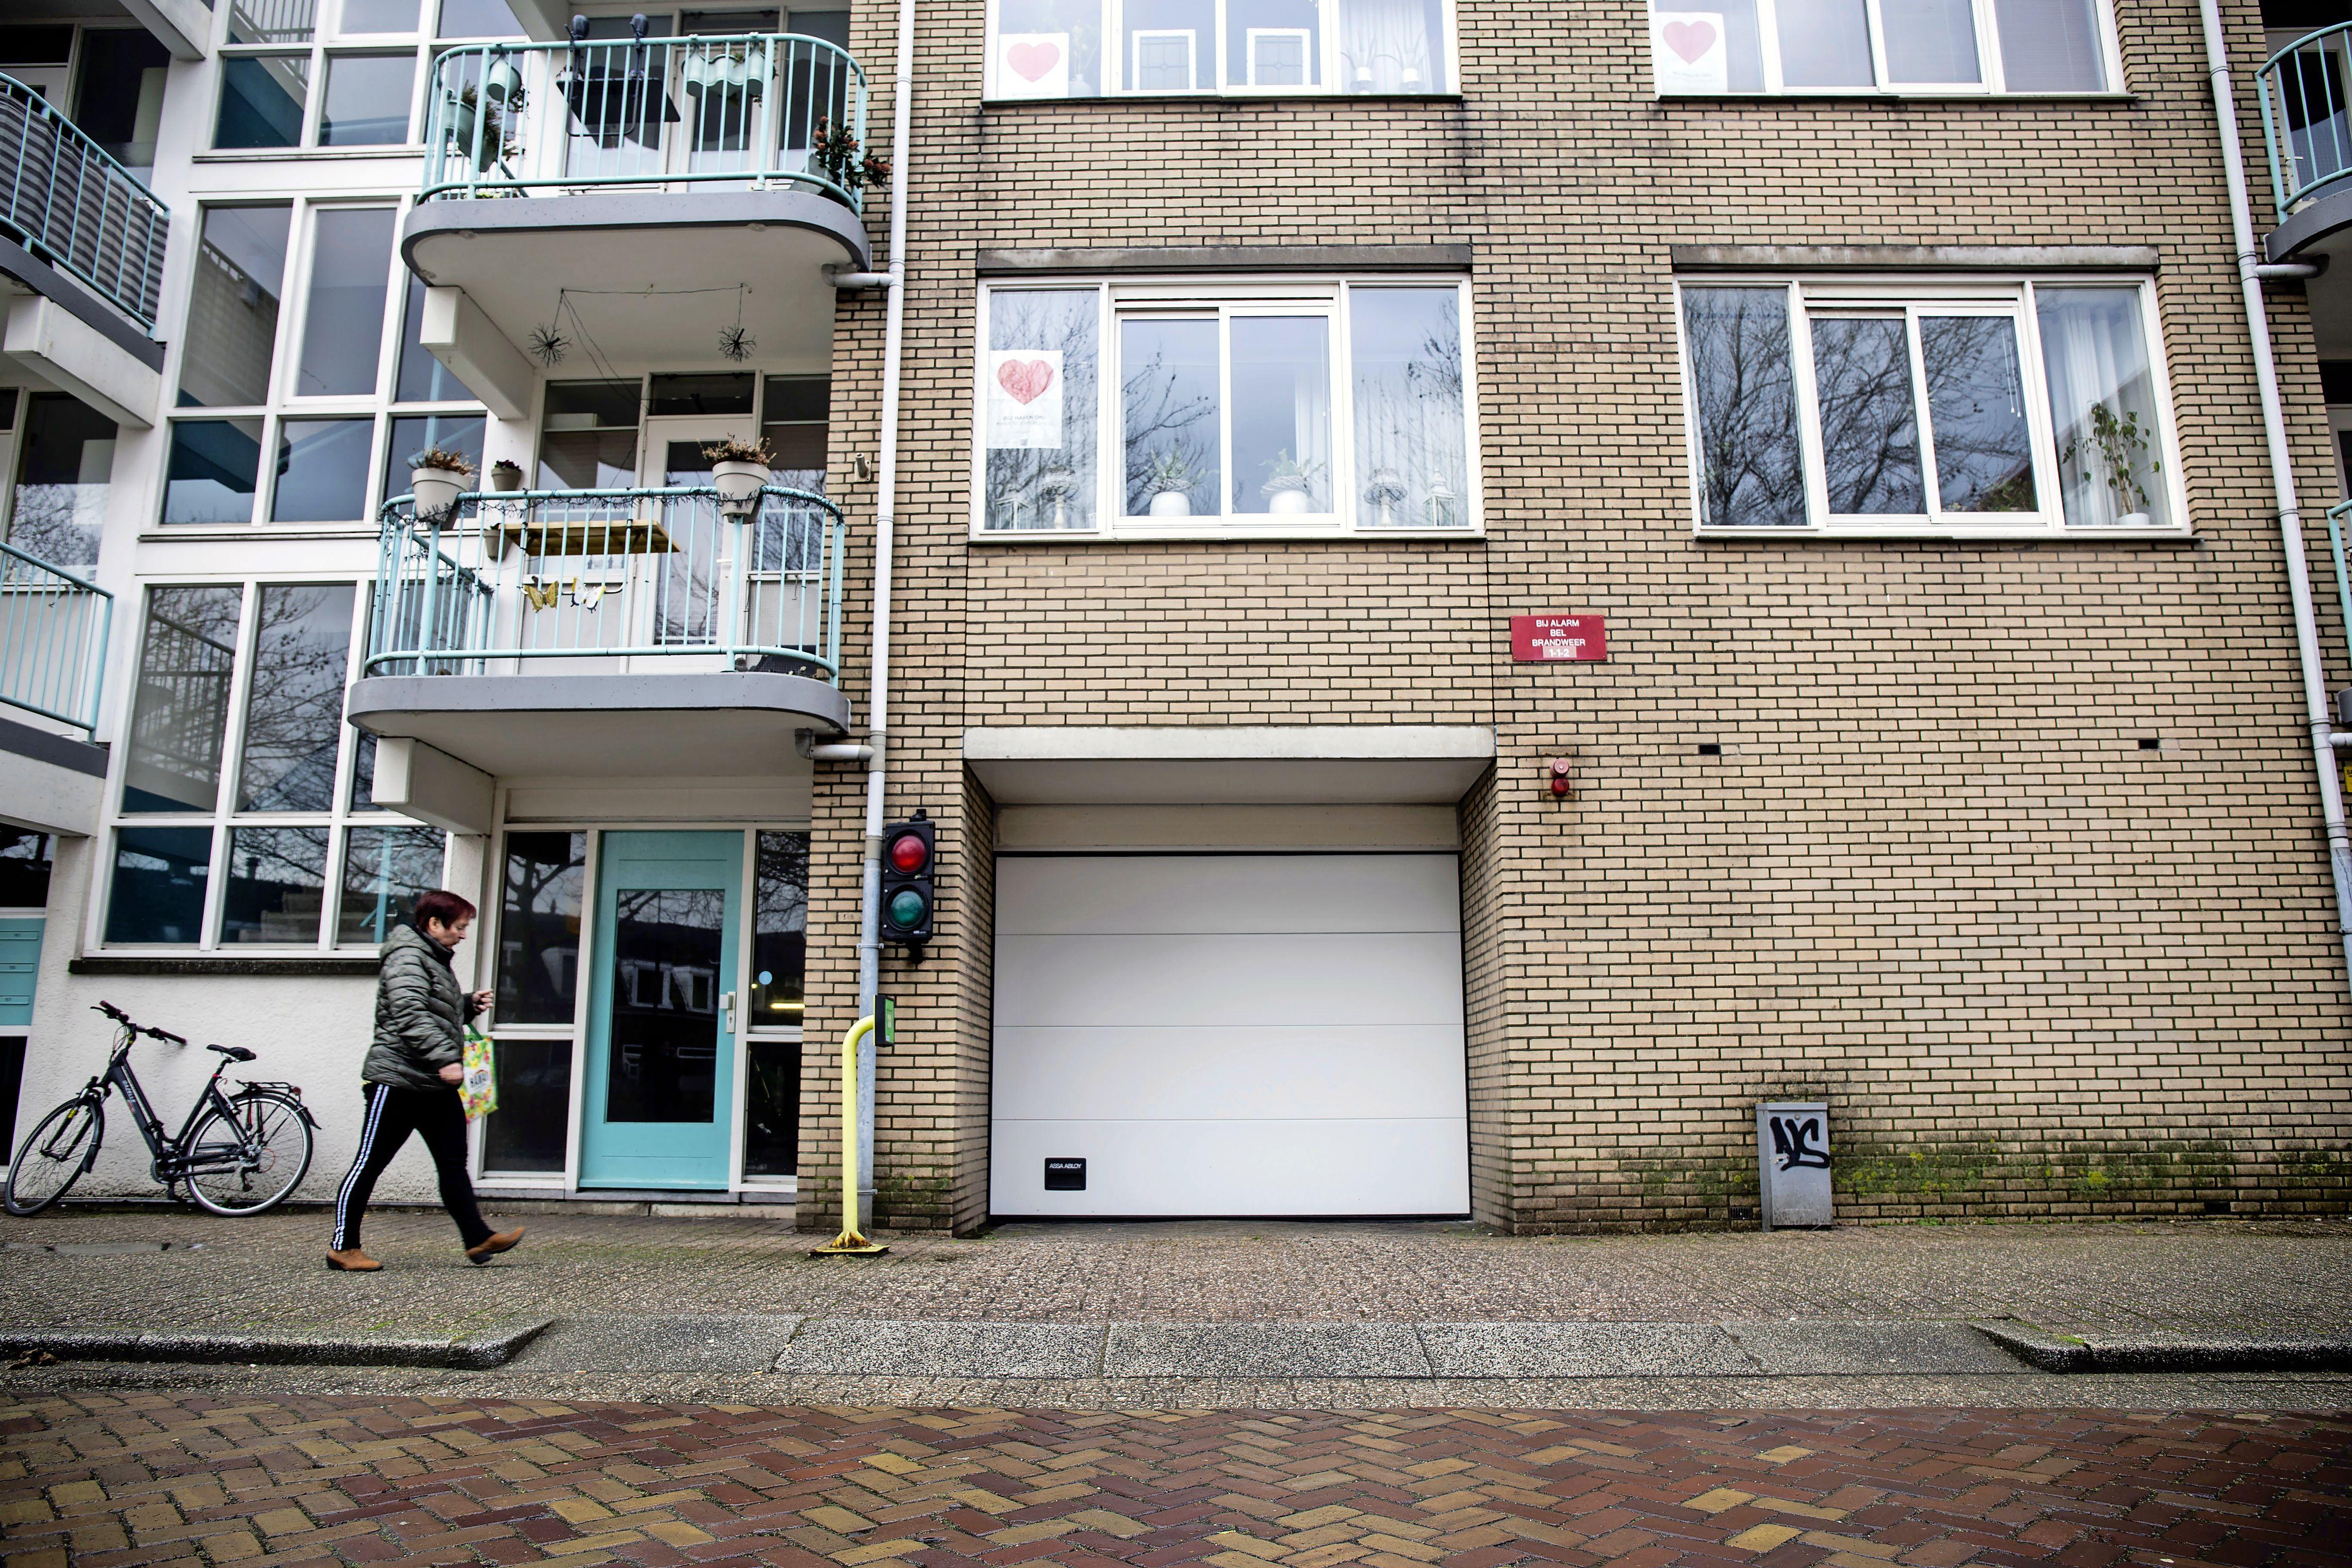 Gemeente Beverwijk dacht goede zaken te doen, maar verkocht 'goudmijntje' parkeergarage ver onder de marktwaarde